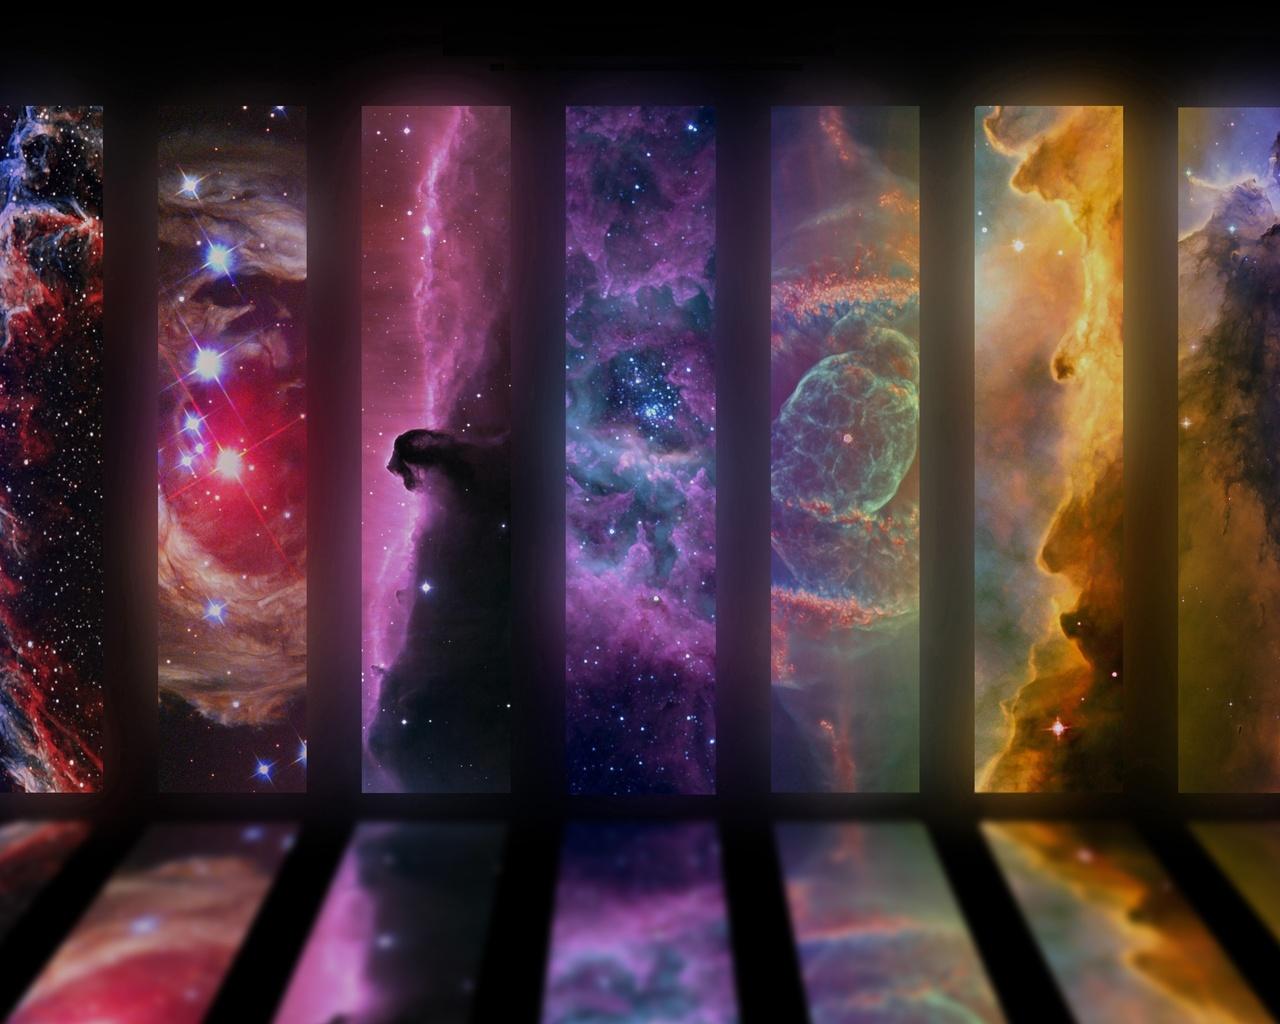 туманность вуаль, единорога туманность конская туманность rcw 49, туманность кошачий глаз, туманность ориона, туманность орла, космос